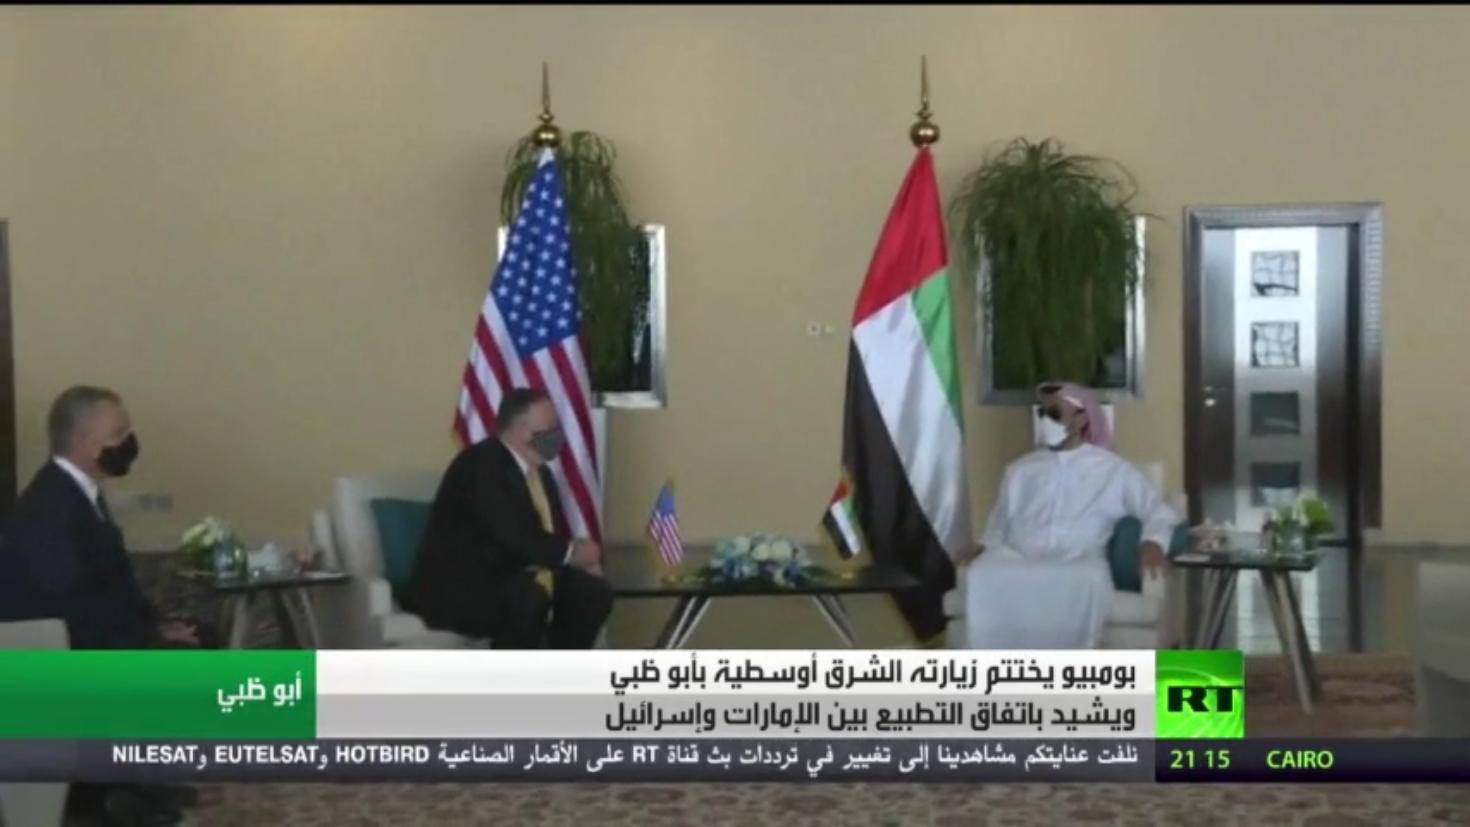 بومبيو يختتم زيارته الشرق أوسطية بأبو ظبي ويشيد باتفاق التطبيع بين الإمارات وإسرائيل